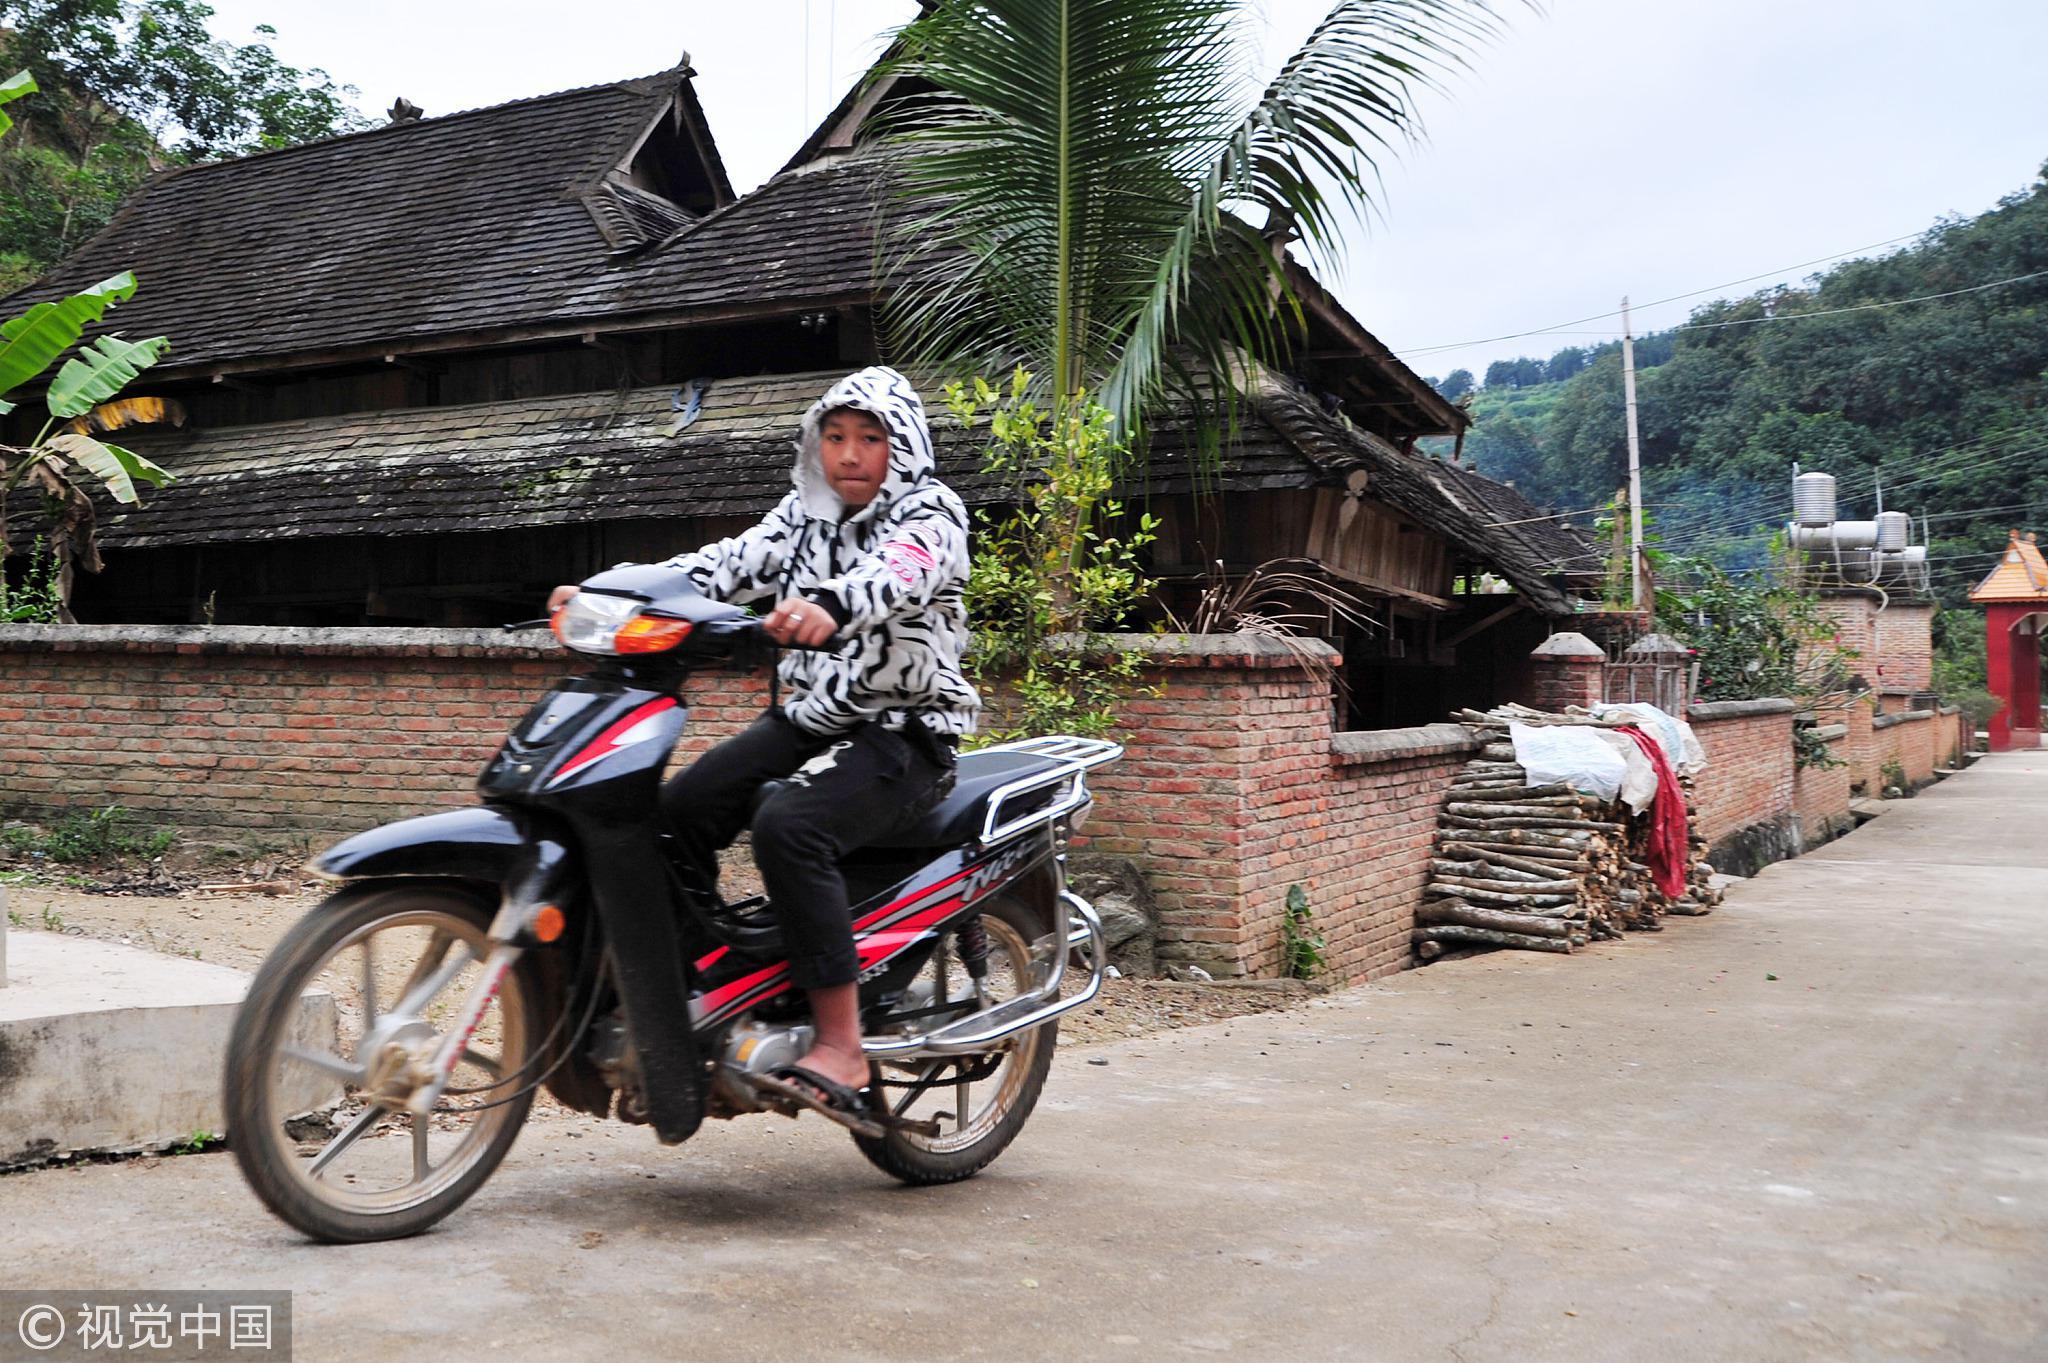 云南省西双版纳傣族自治州的克木人原来极度贫困,如今已经通电、通水、通路。/视觉中国